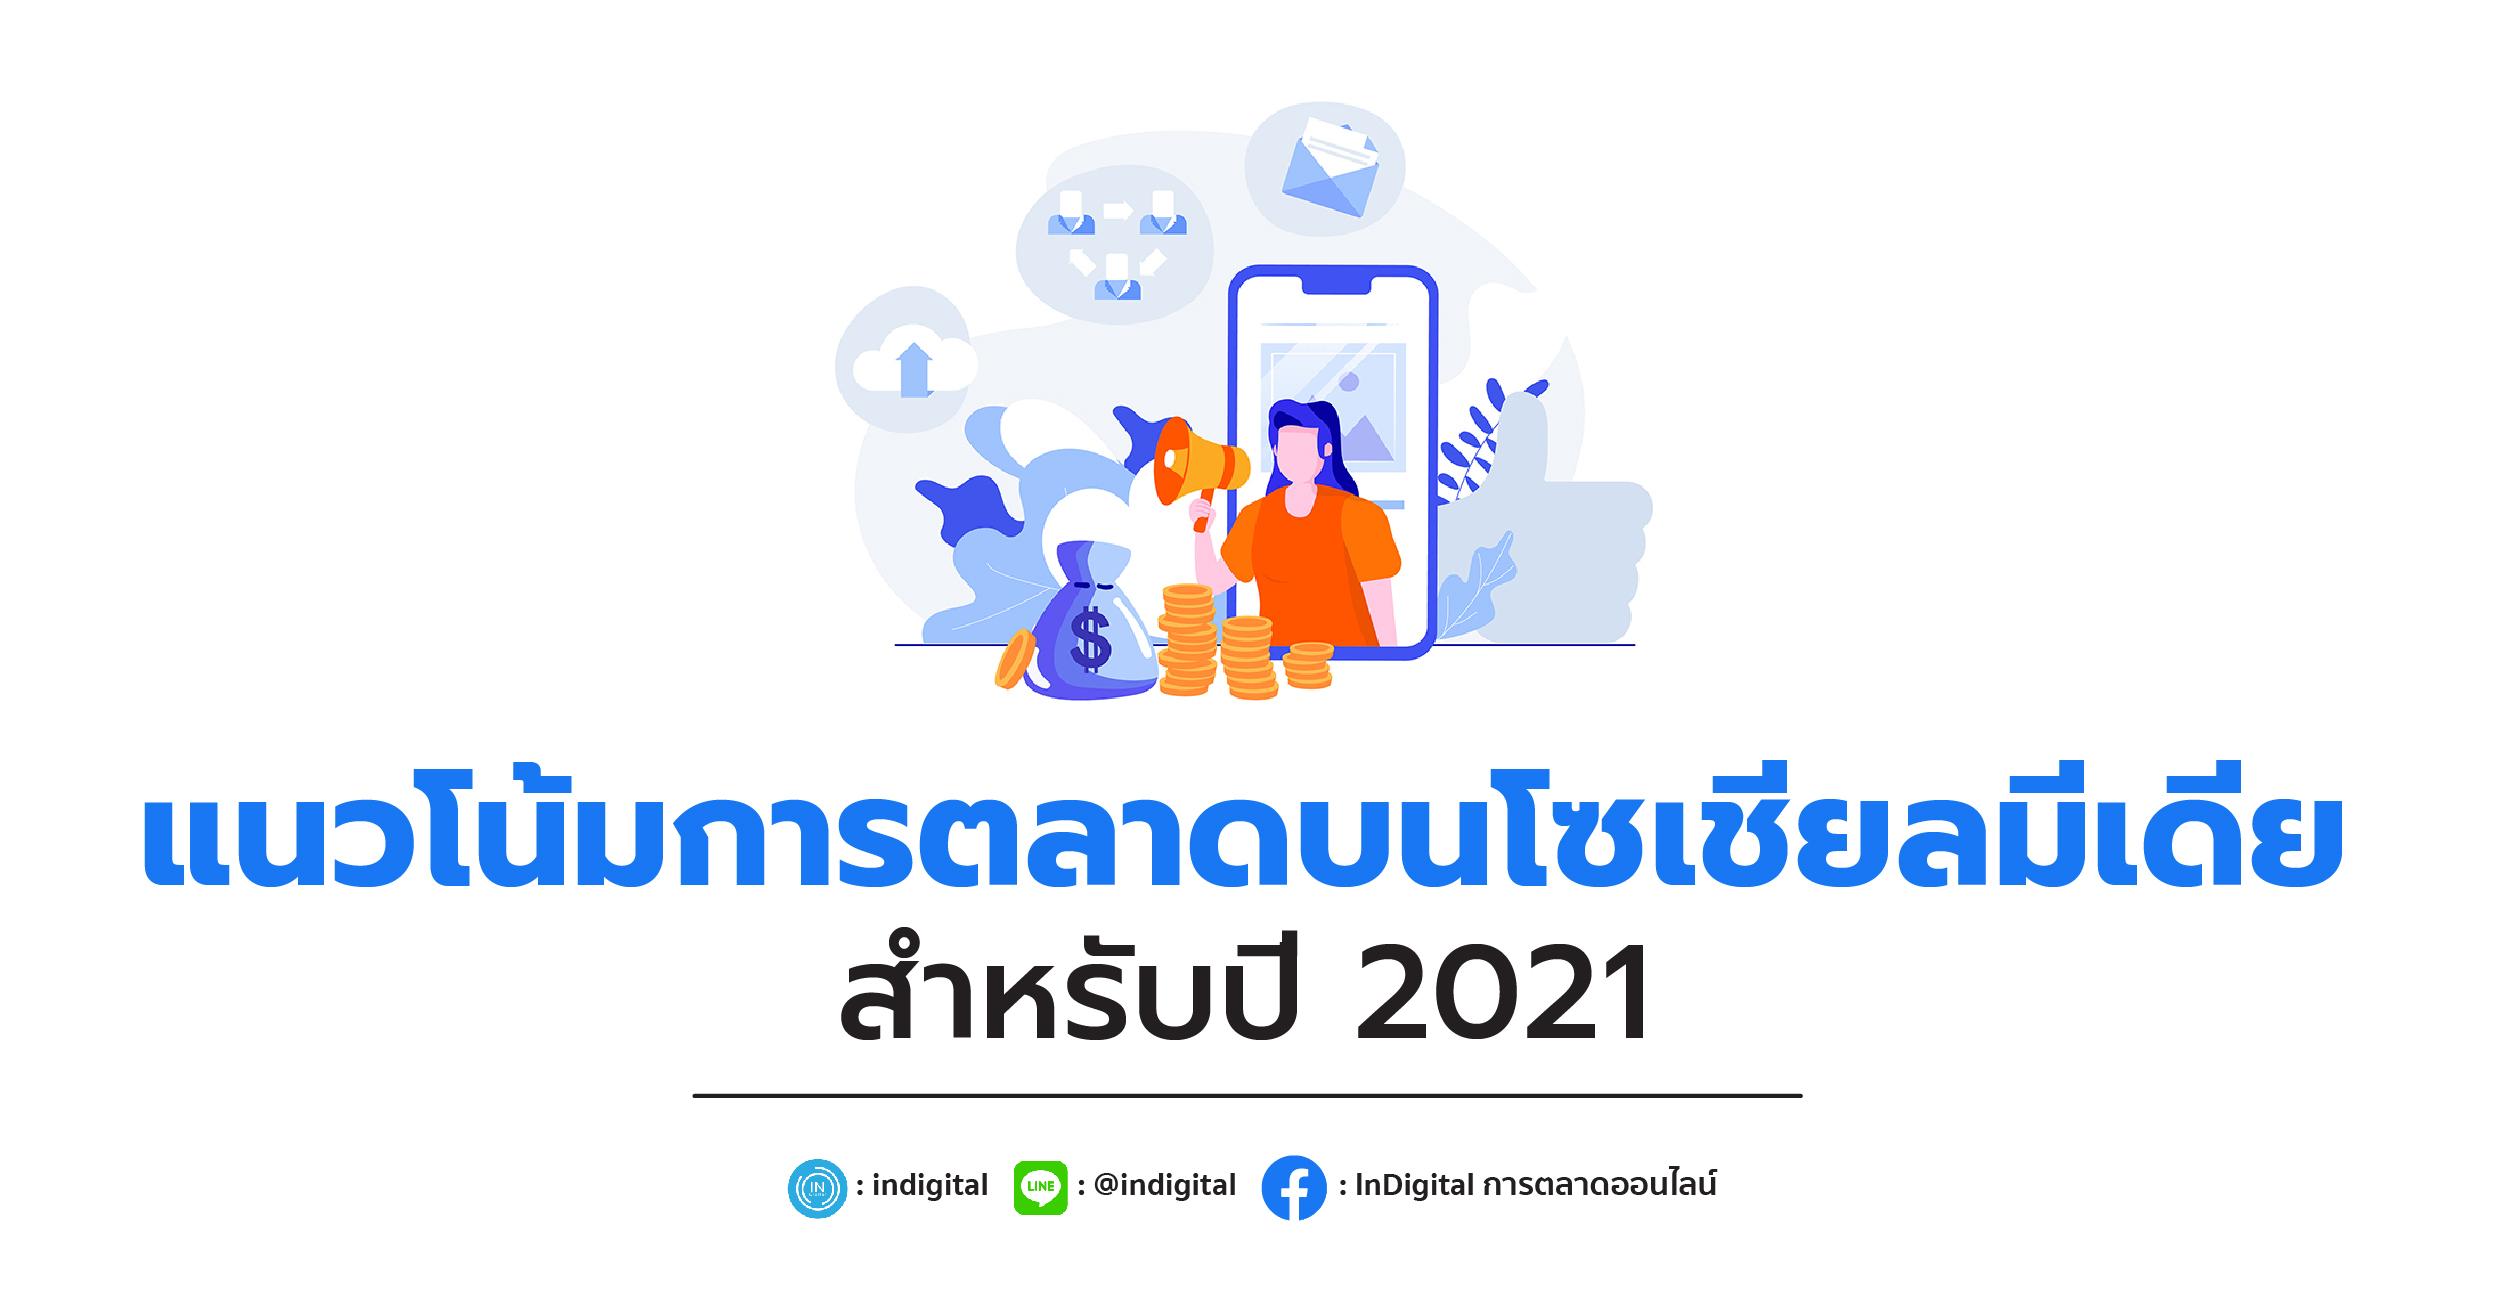 แนวโน้มการตลาดบนโซเชียลมีเดียสำหรับปี 2021